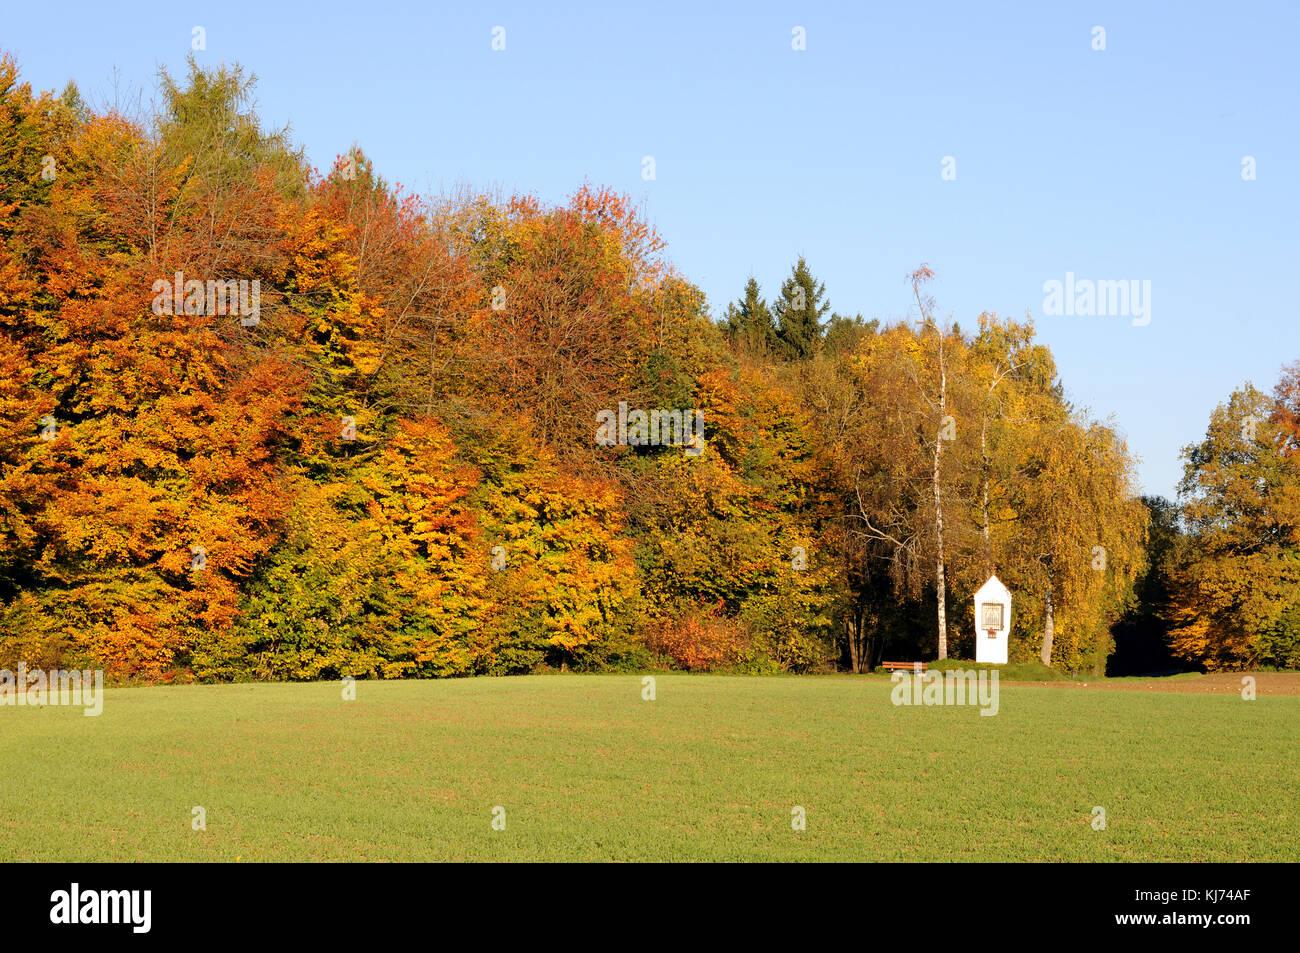 Herbstliche Landschaft mit Bildstock Stockbild